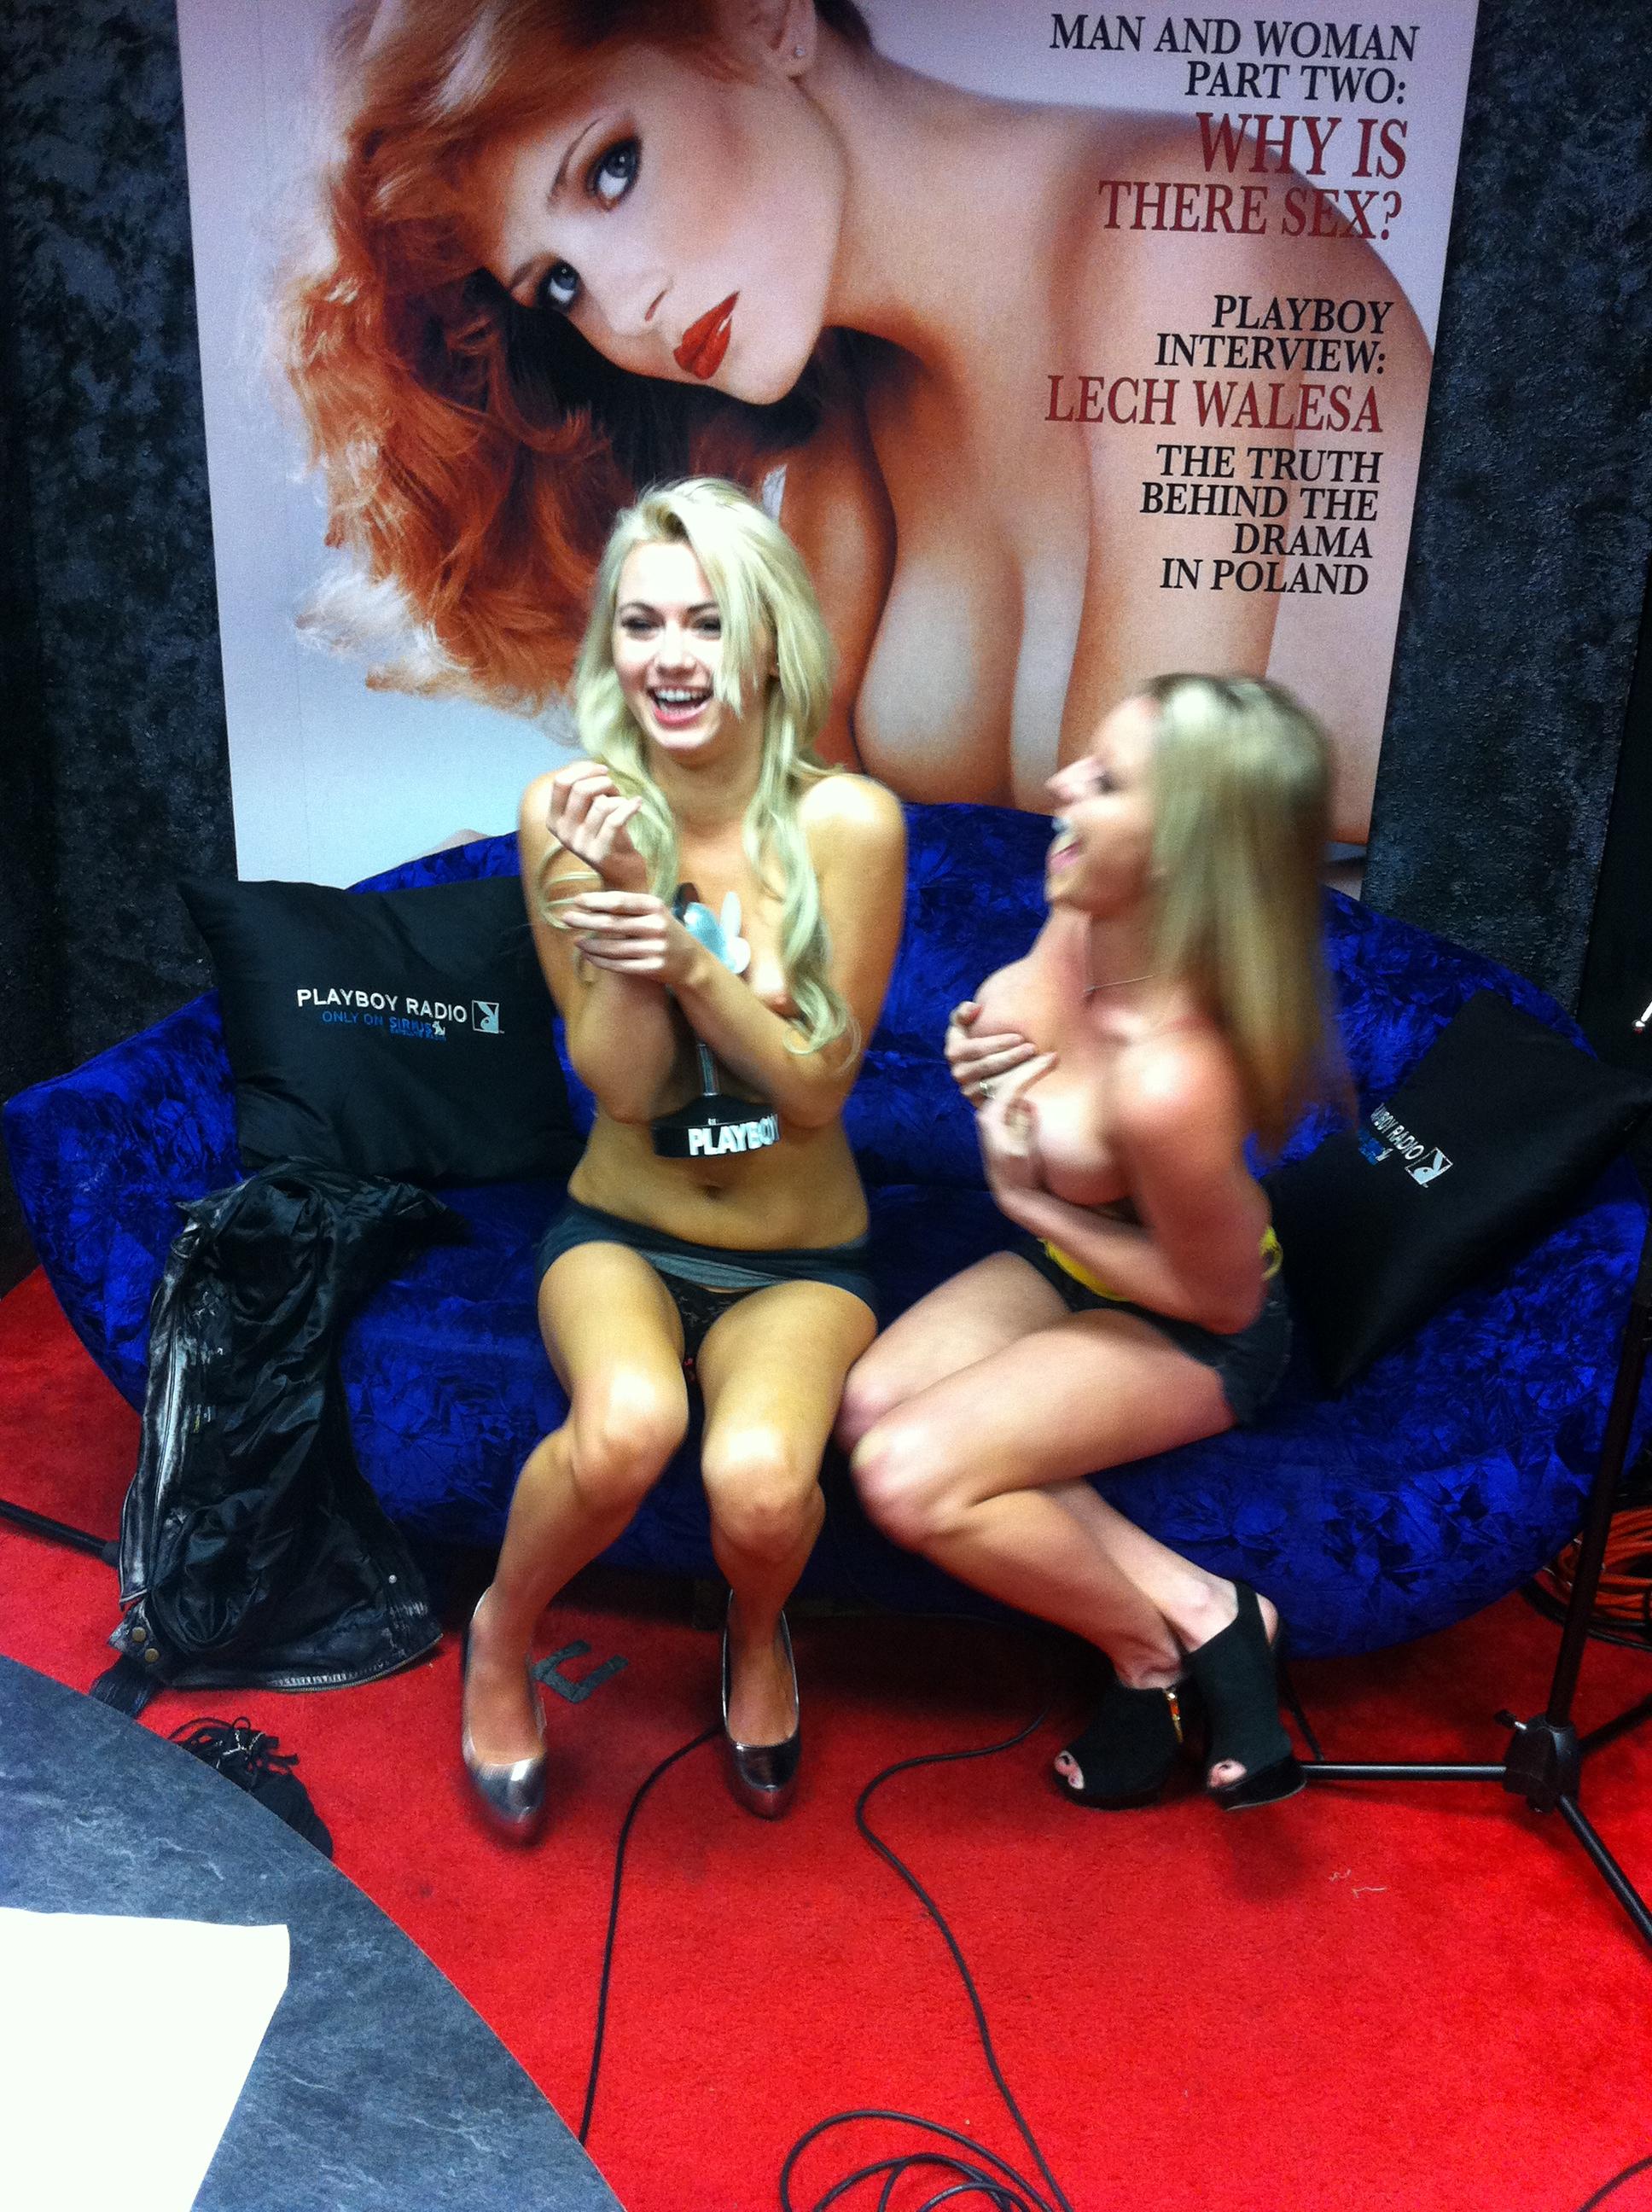 Gretchen blier nude photos